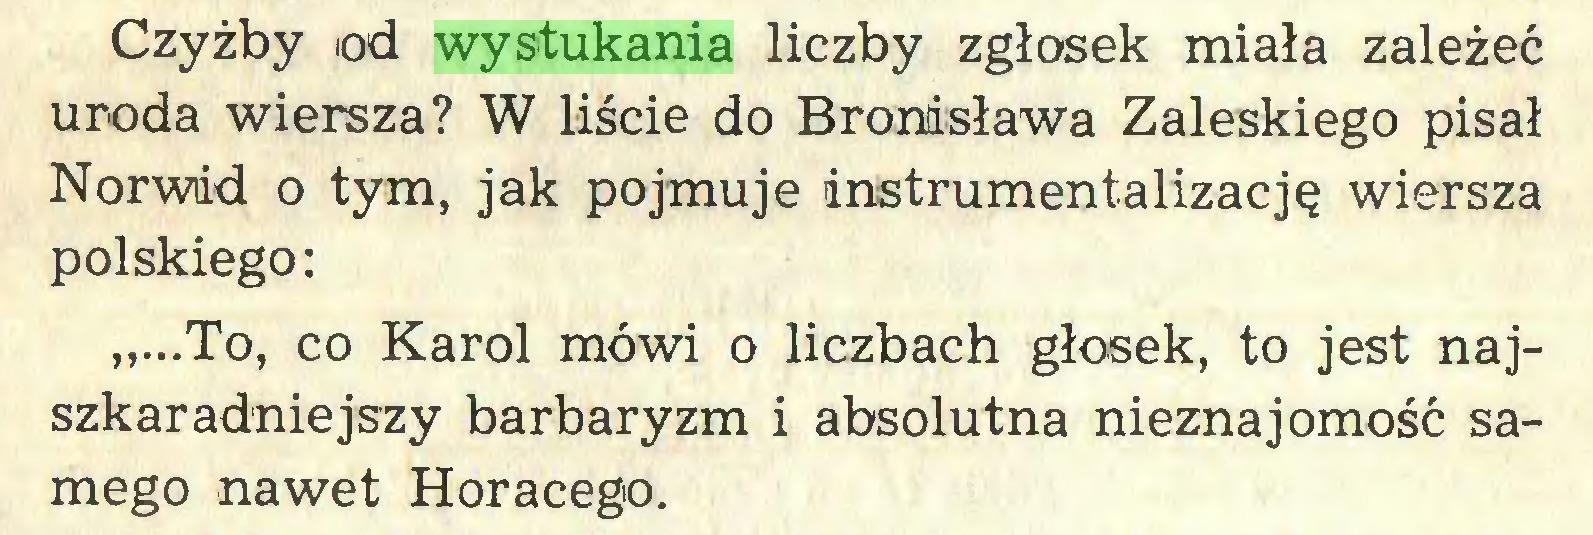 """(...) Czyżby od wystukania liczby zgłosek miała zależeć uroda wiersza? W liście do Bronisława Zaleskiego pisał Norwid o tym, jak pojmuje instrumentalizację wiersza polskiego: """"...To, co Karol mówi o liczbach głosek, to jest najszkaradniejszy barbaryzm i absolutna nieznajomość samego nawet Horacego..."""